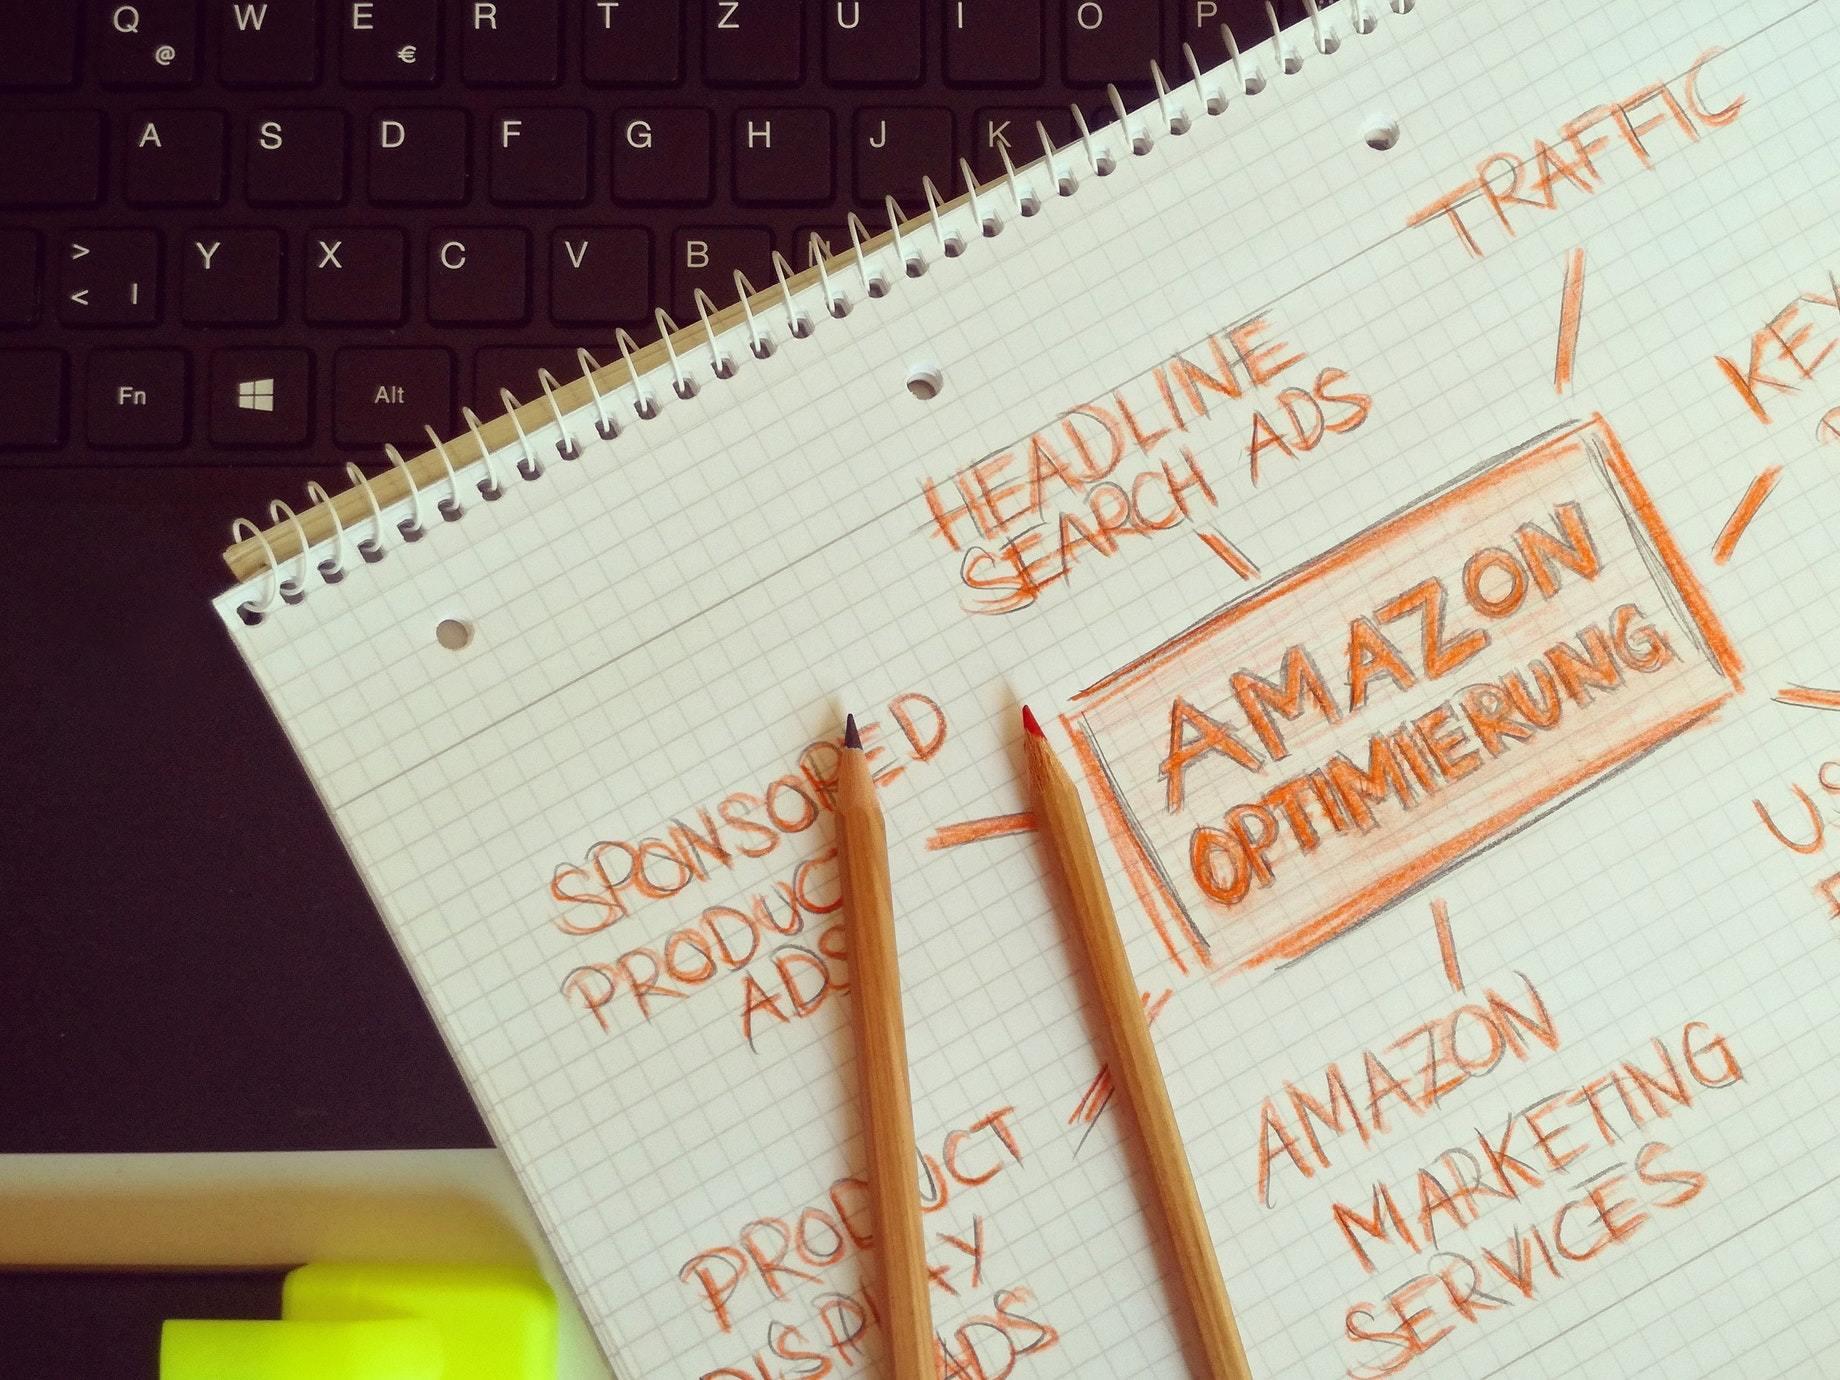 平台經濟也要定位先行,操作平台品牌策略的3個重要法則